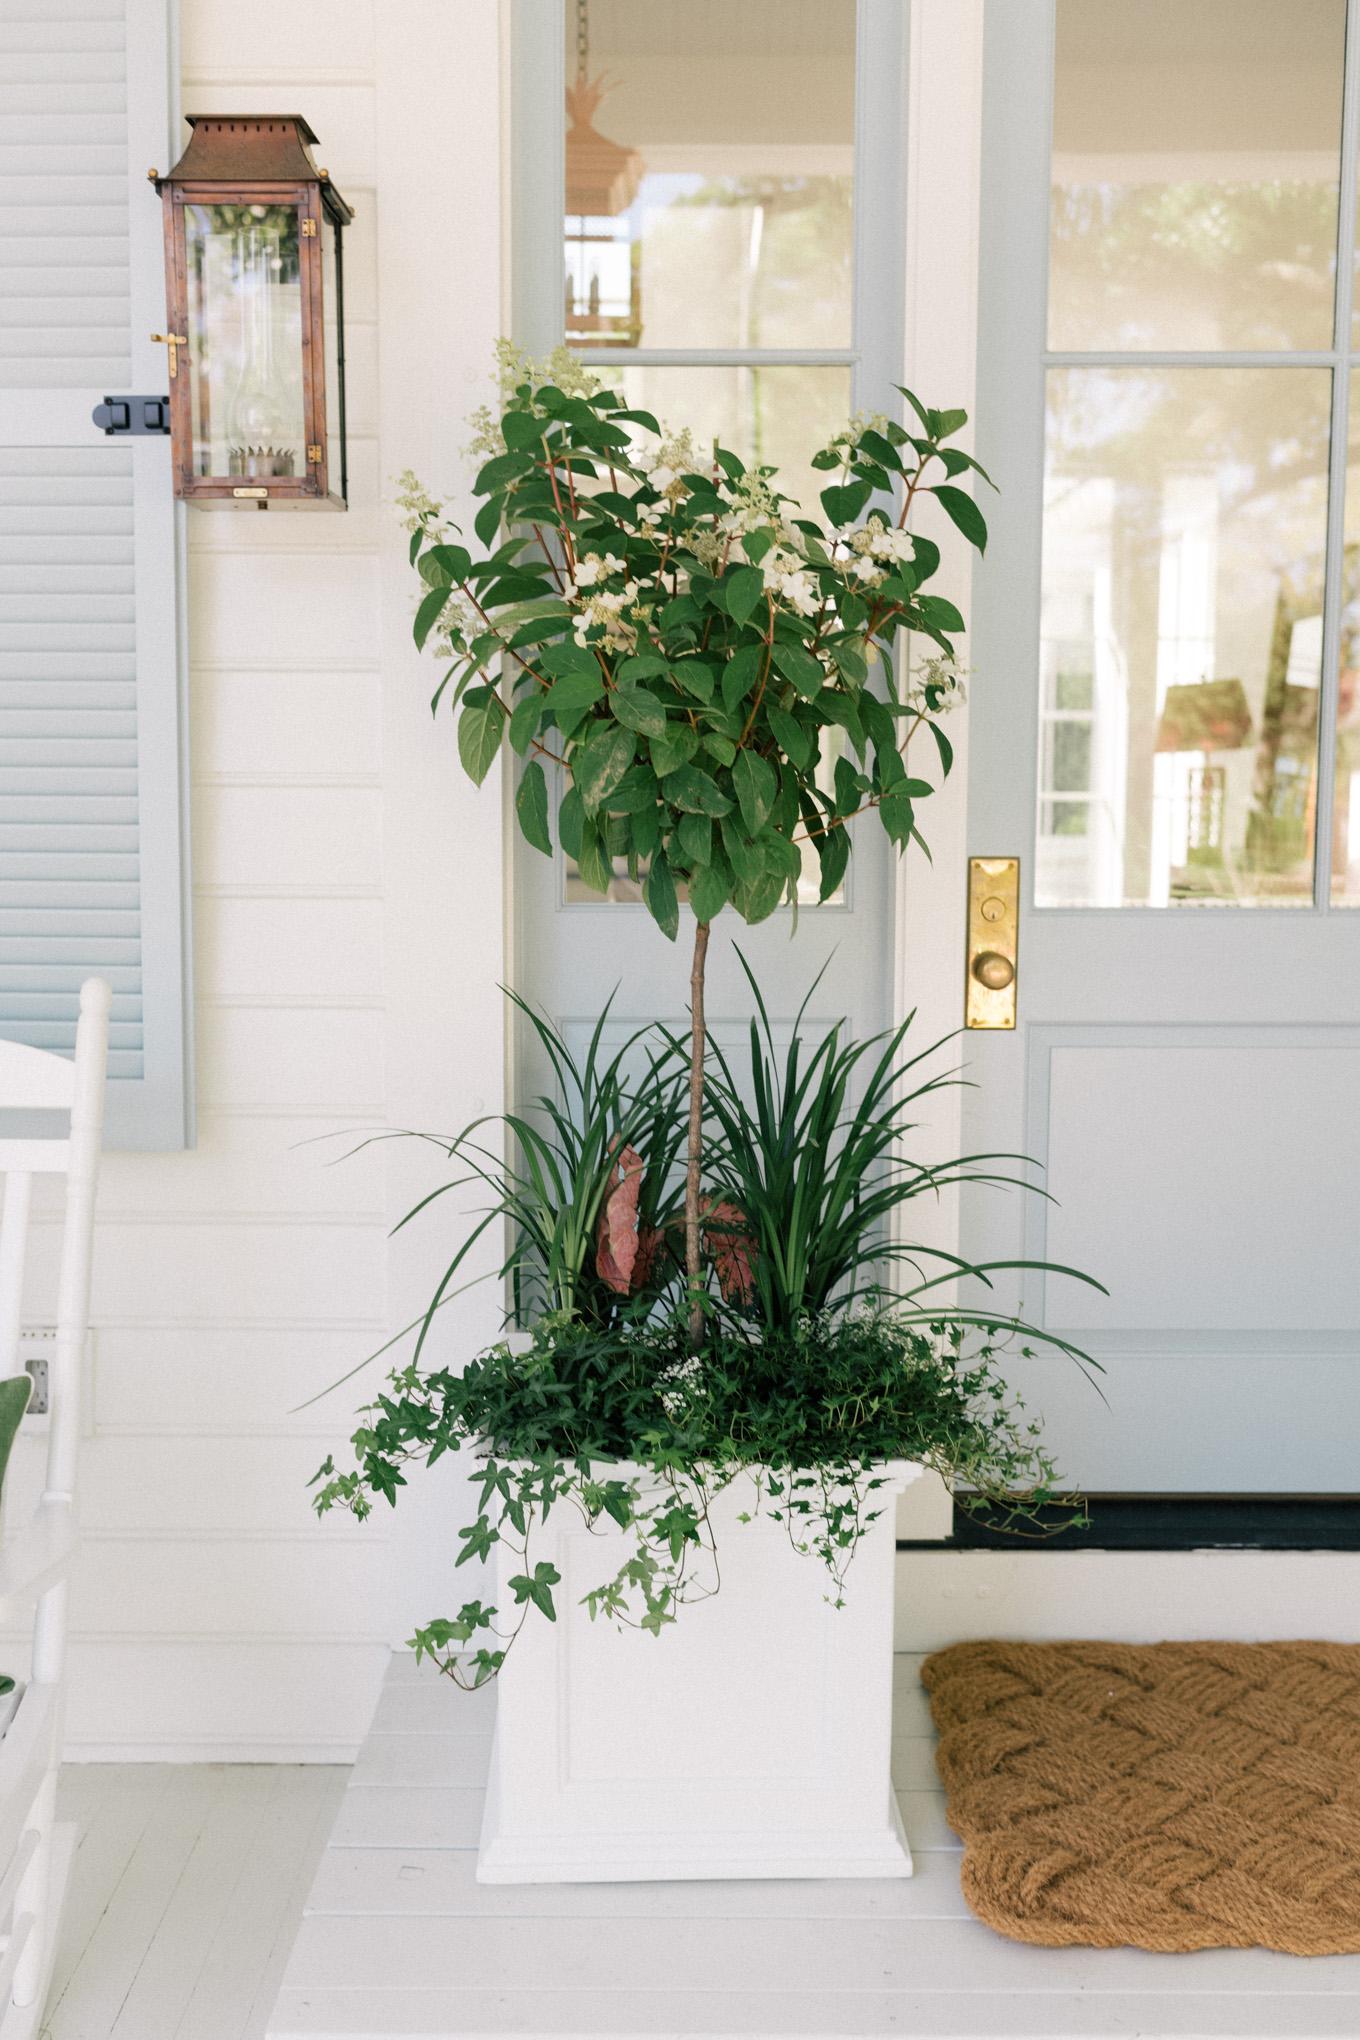 Les fleurs annuelles, les plantes et les légumes doivent être coupés.